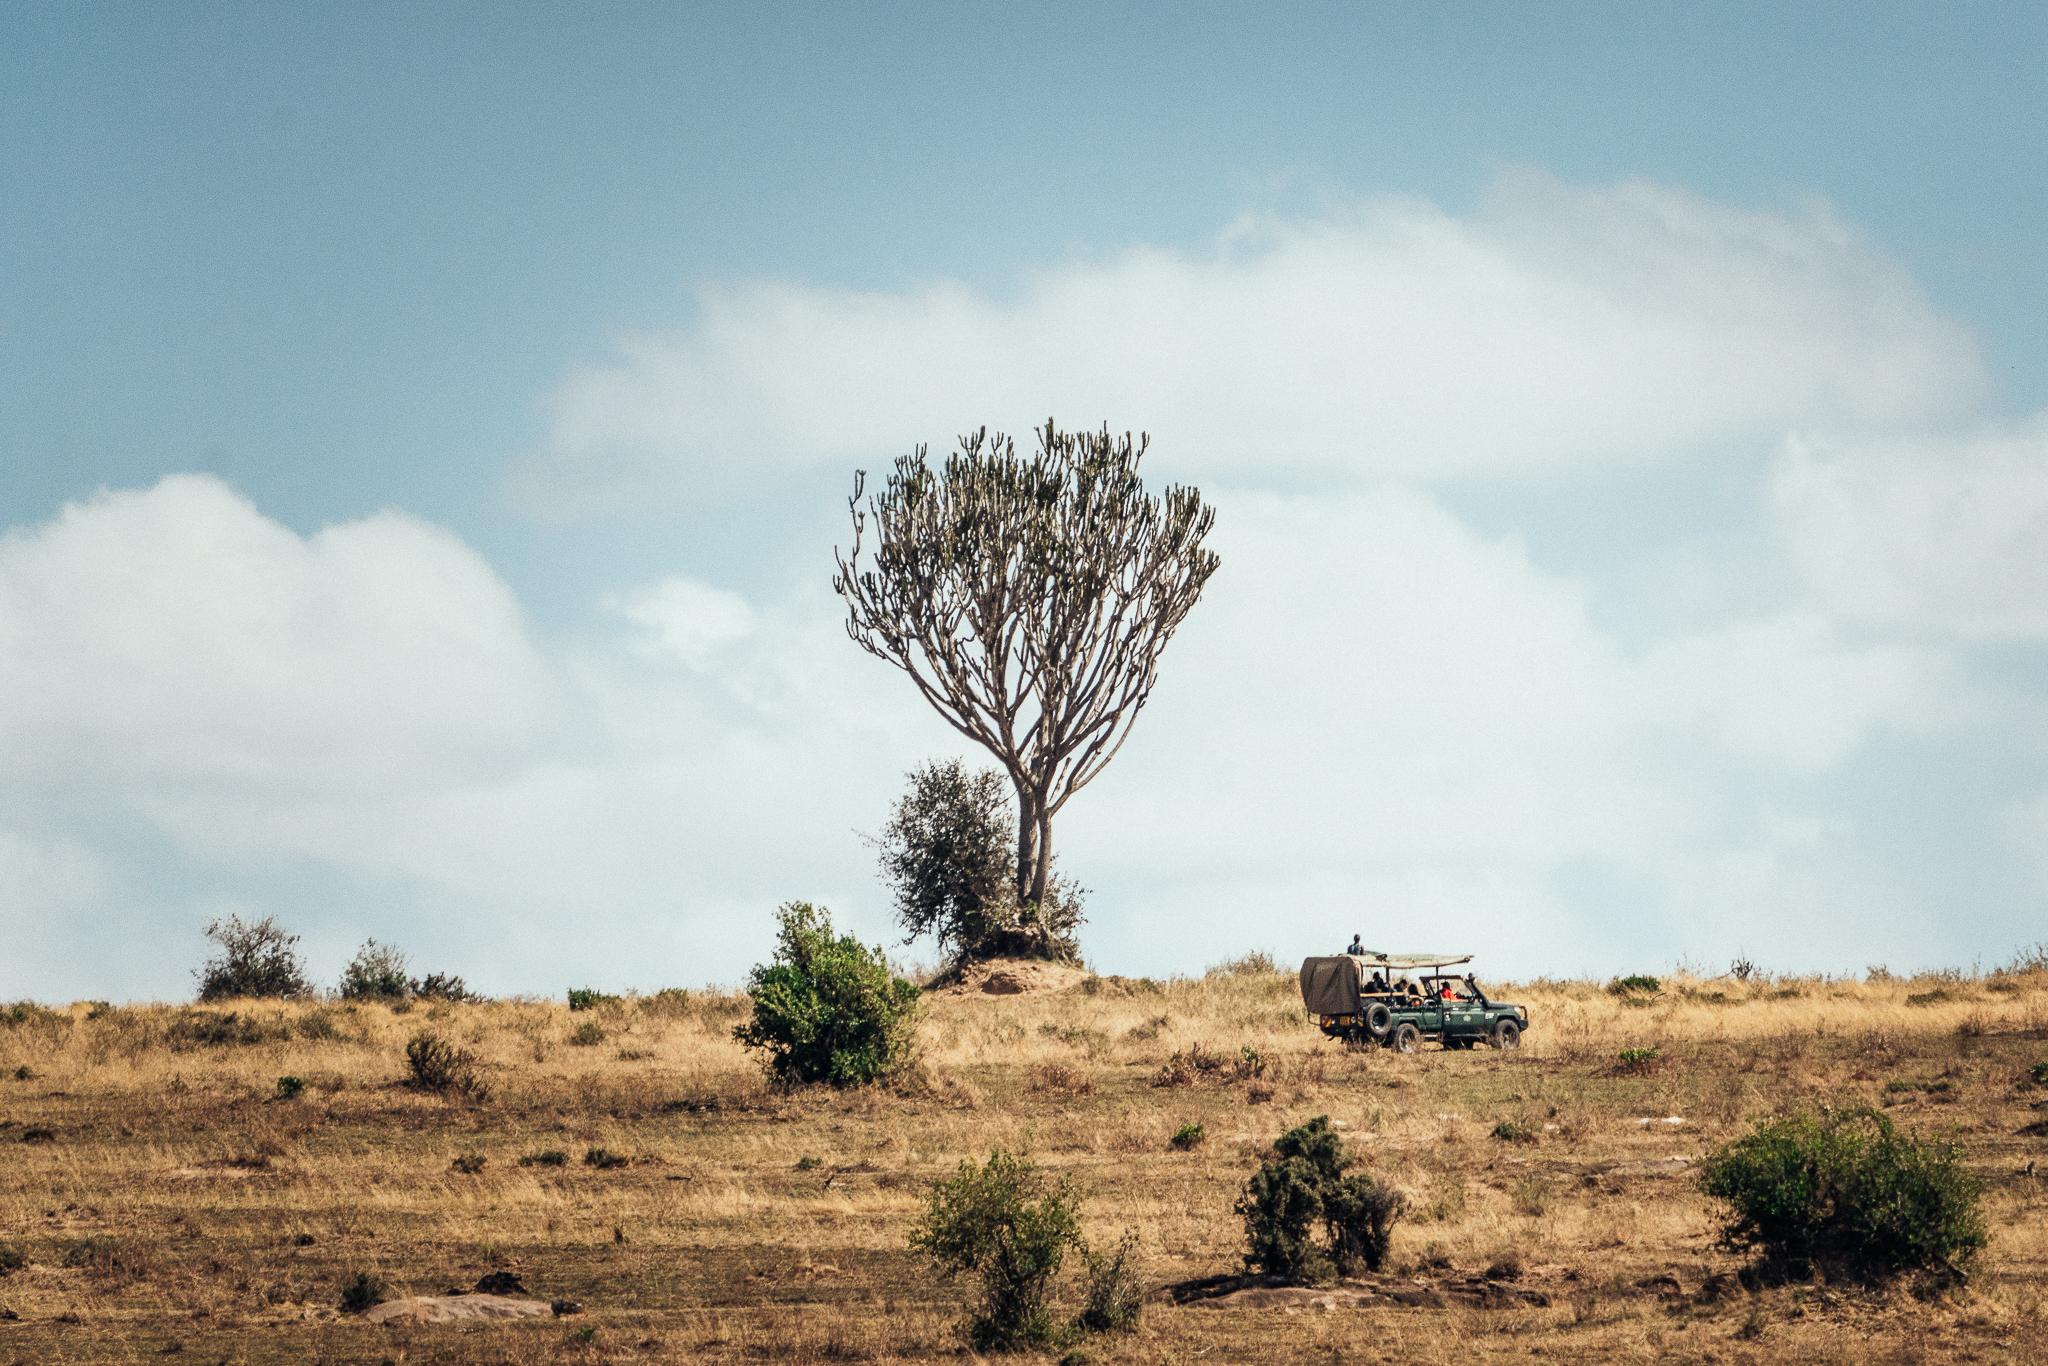 Land Cruiser on Safari in Kenya Ph. David Krugman